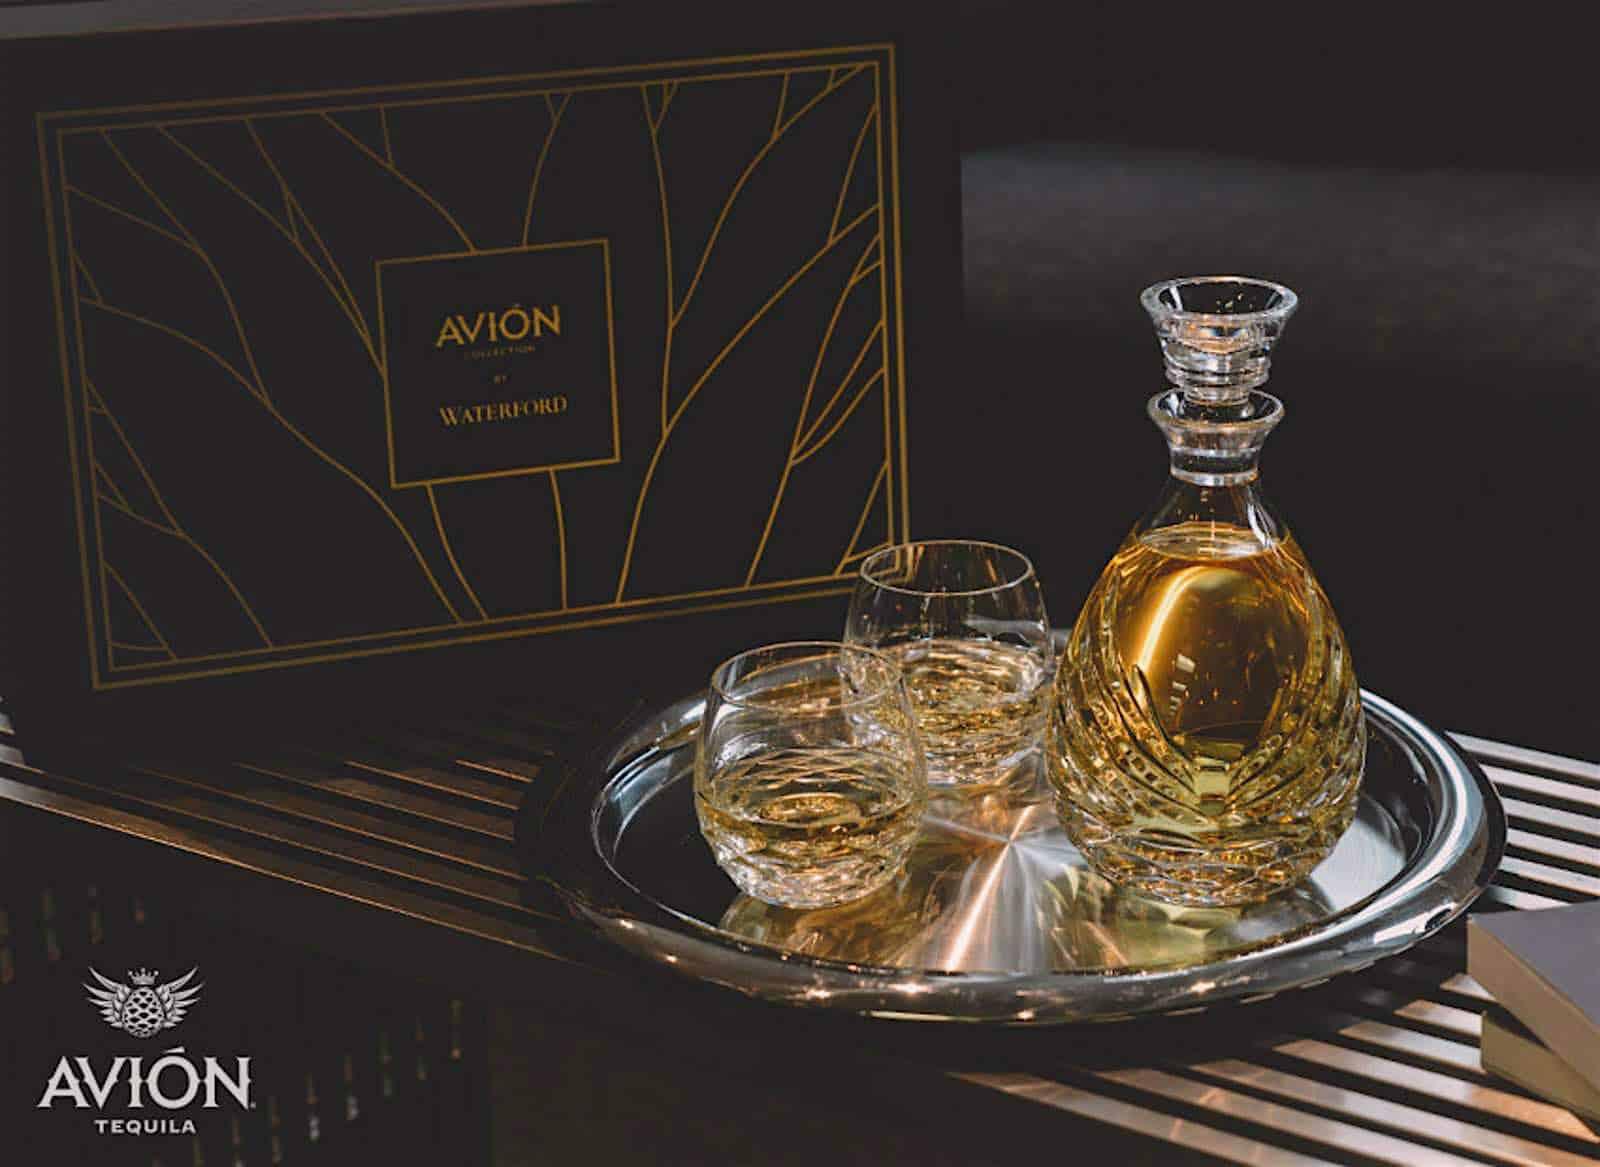 """El tequila Avión y Waterford se asocian para lanzar """"Avión Collection"""" — un set de lujosas garrafas de cristal"""